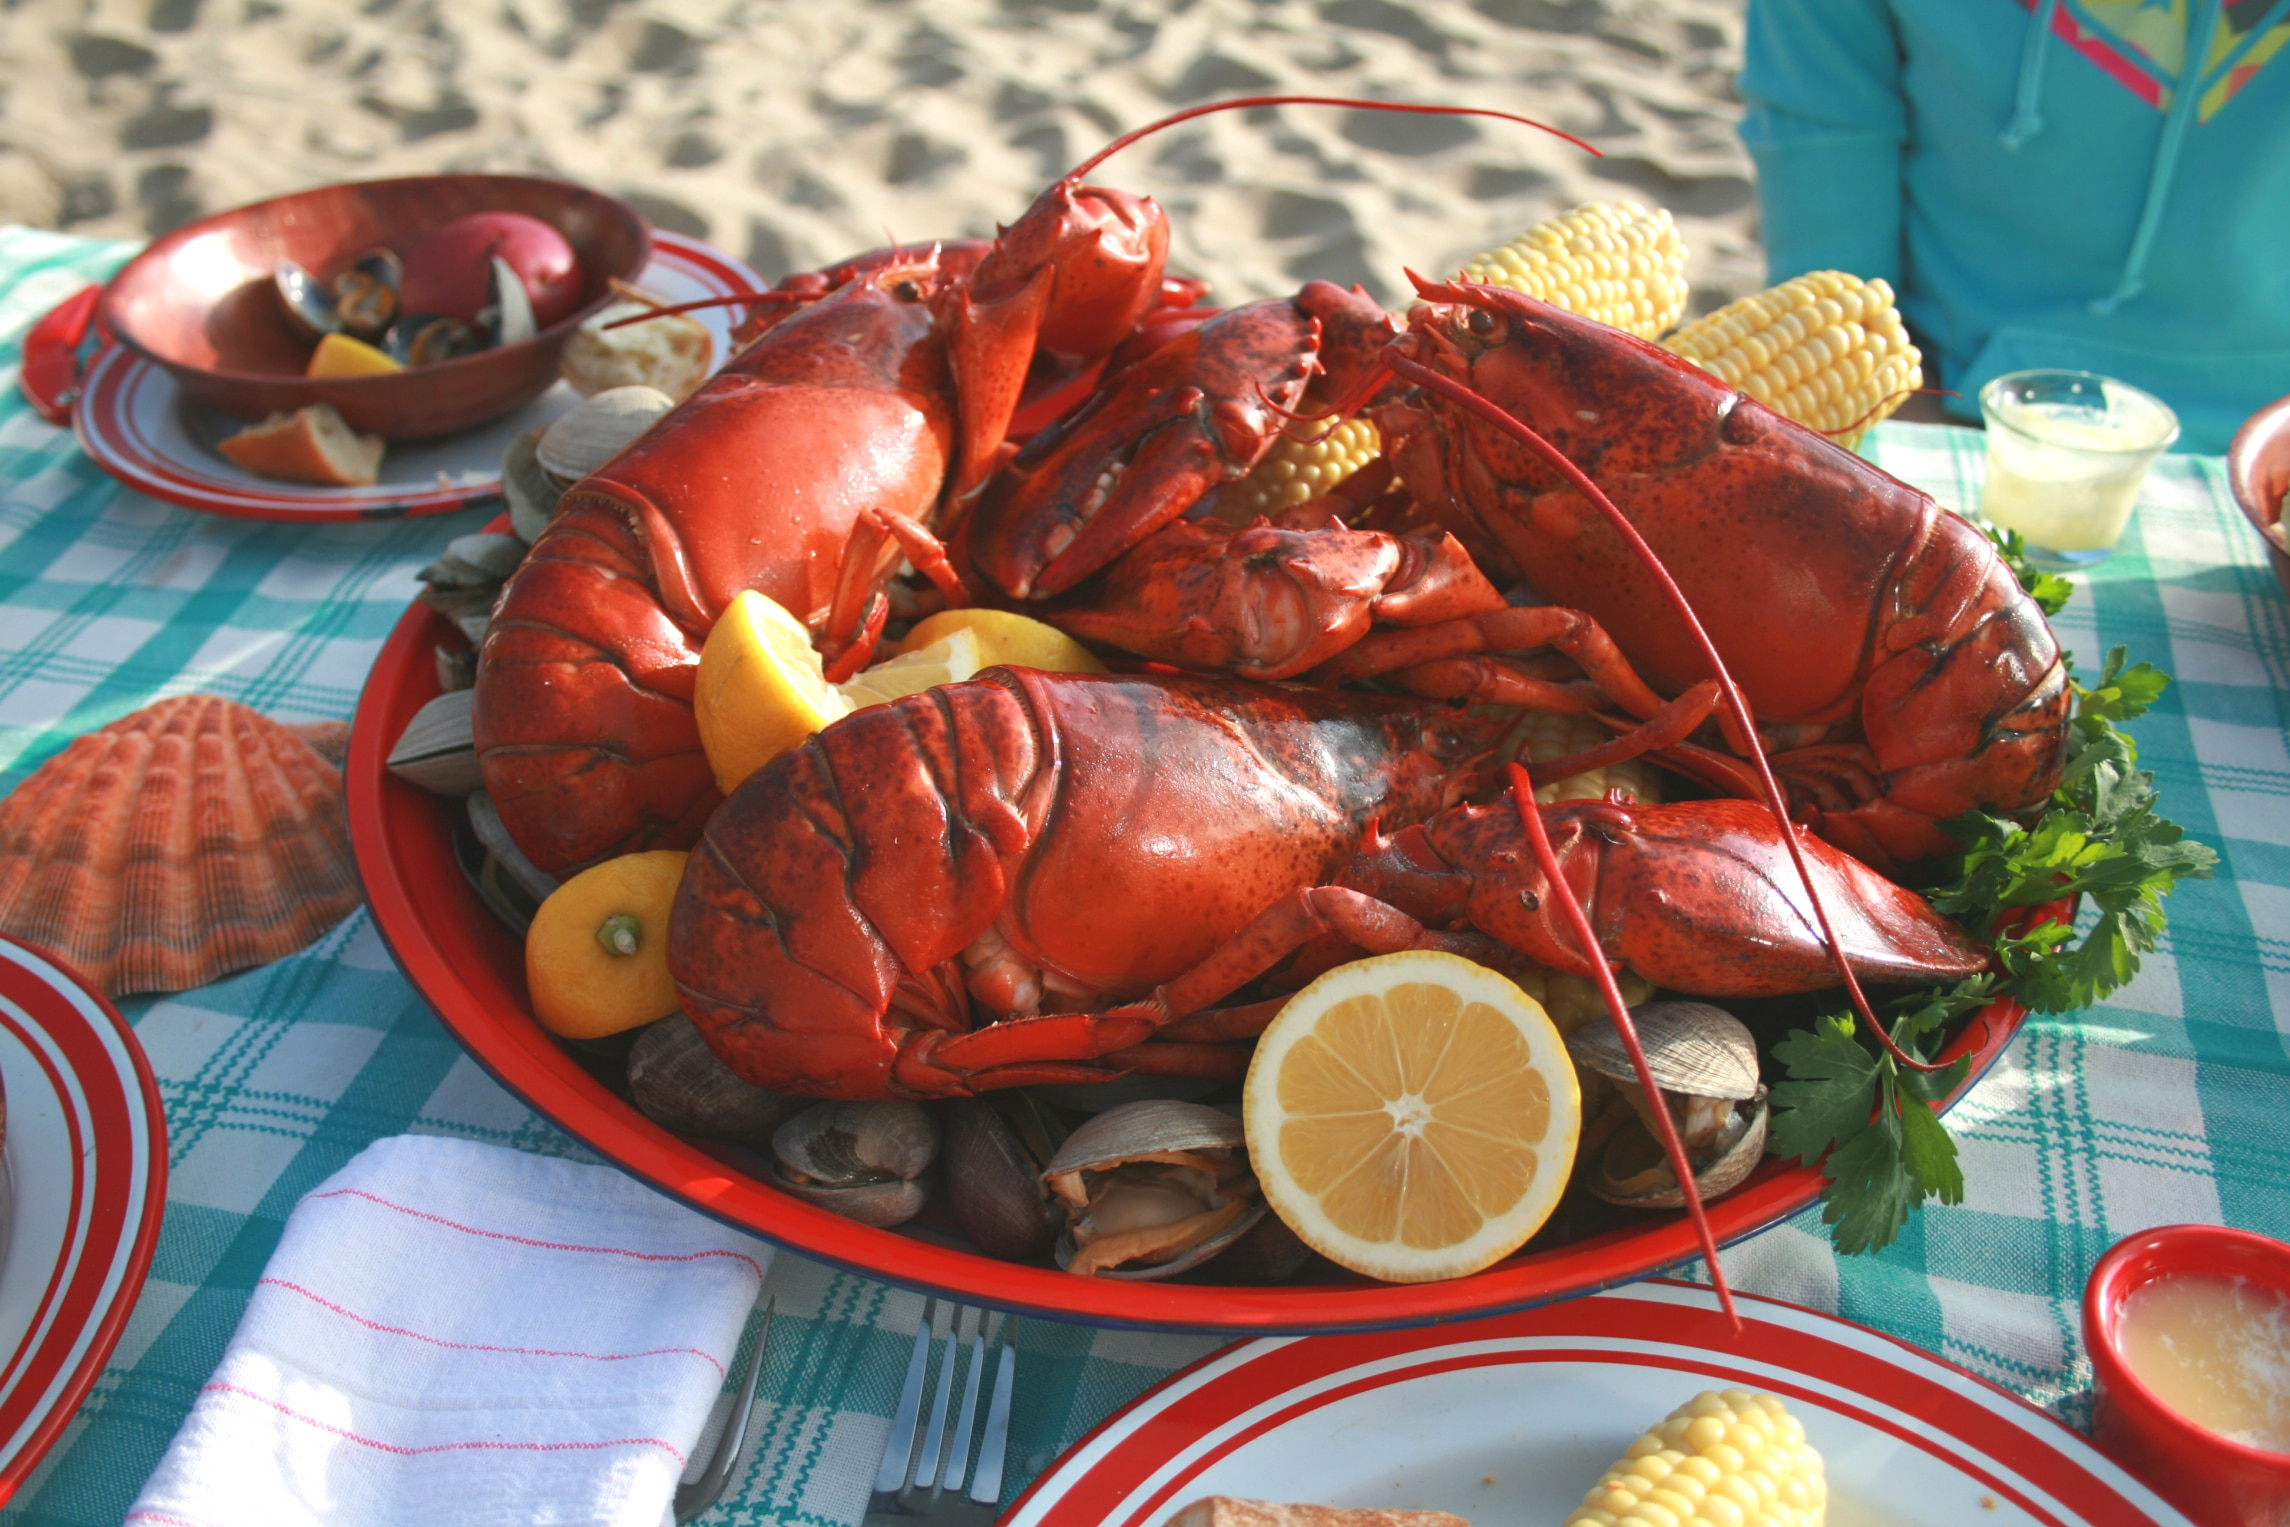 Du homard et des palourdes dans une assiette (Thinkstock)